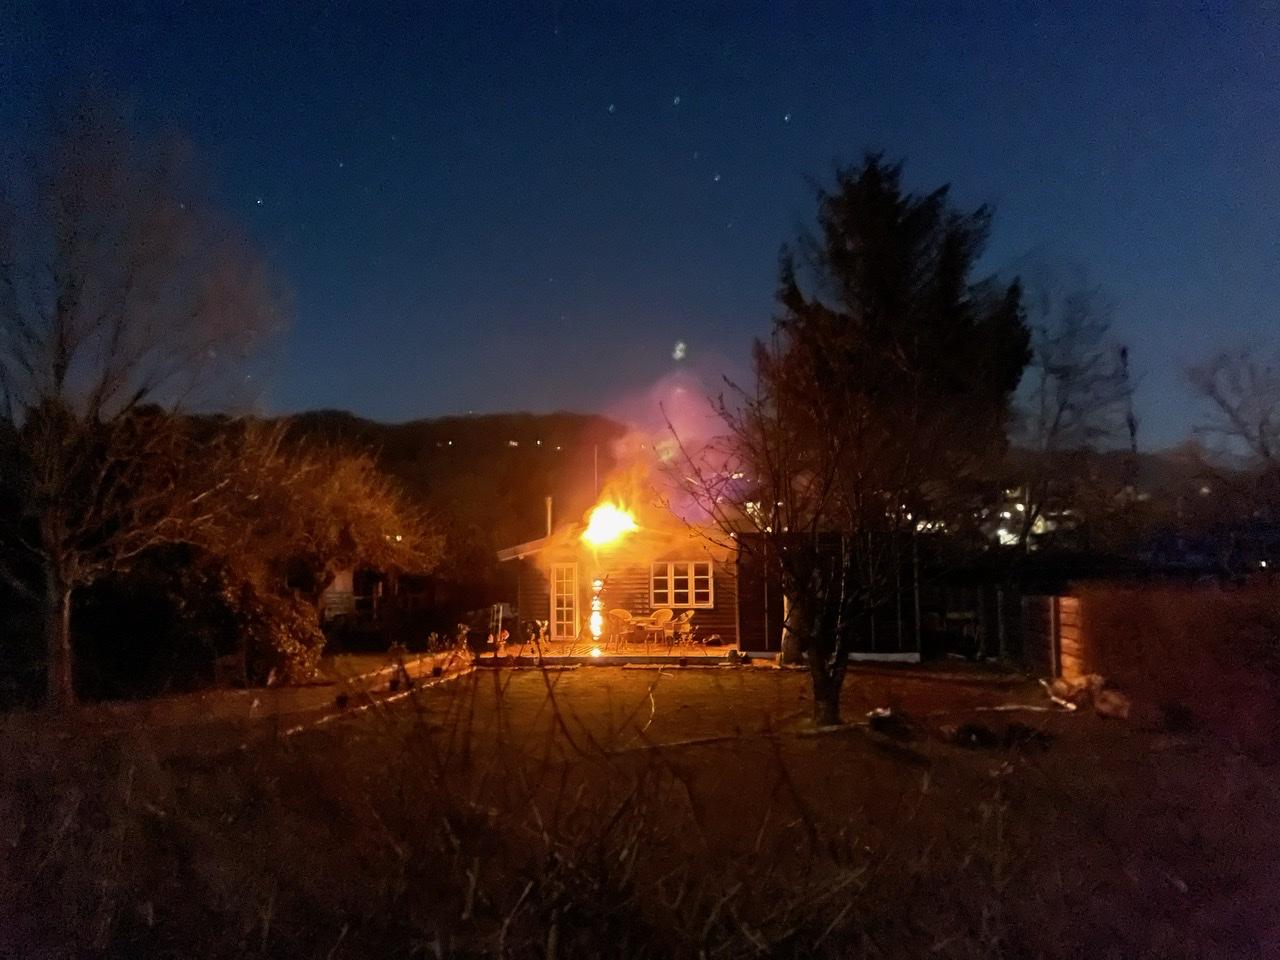 Ild i kolonihavehus i Vejle natten til lørdag